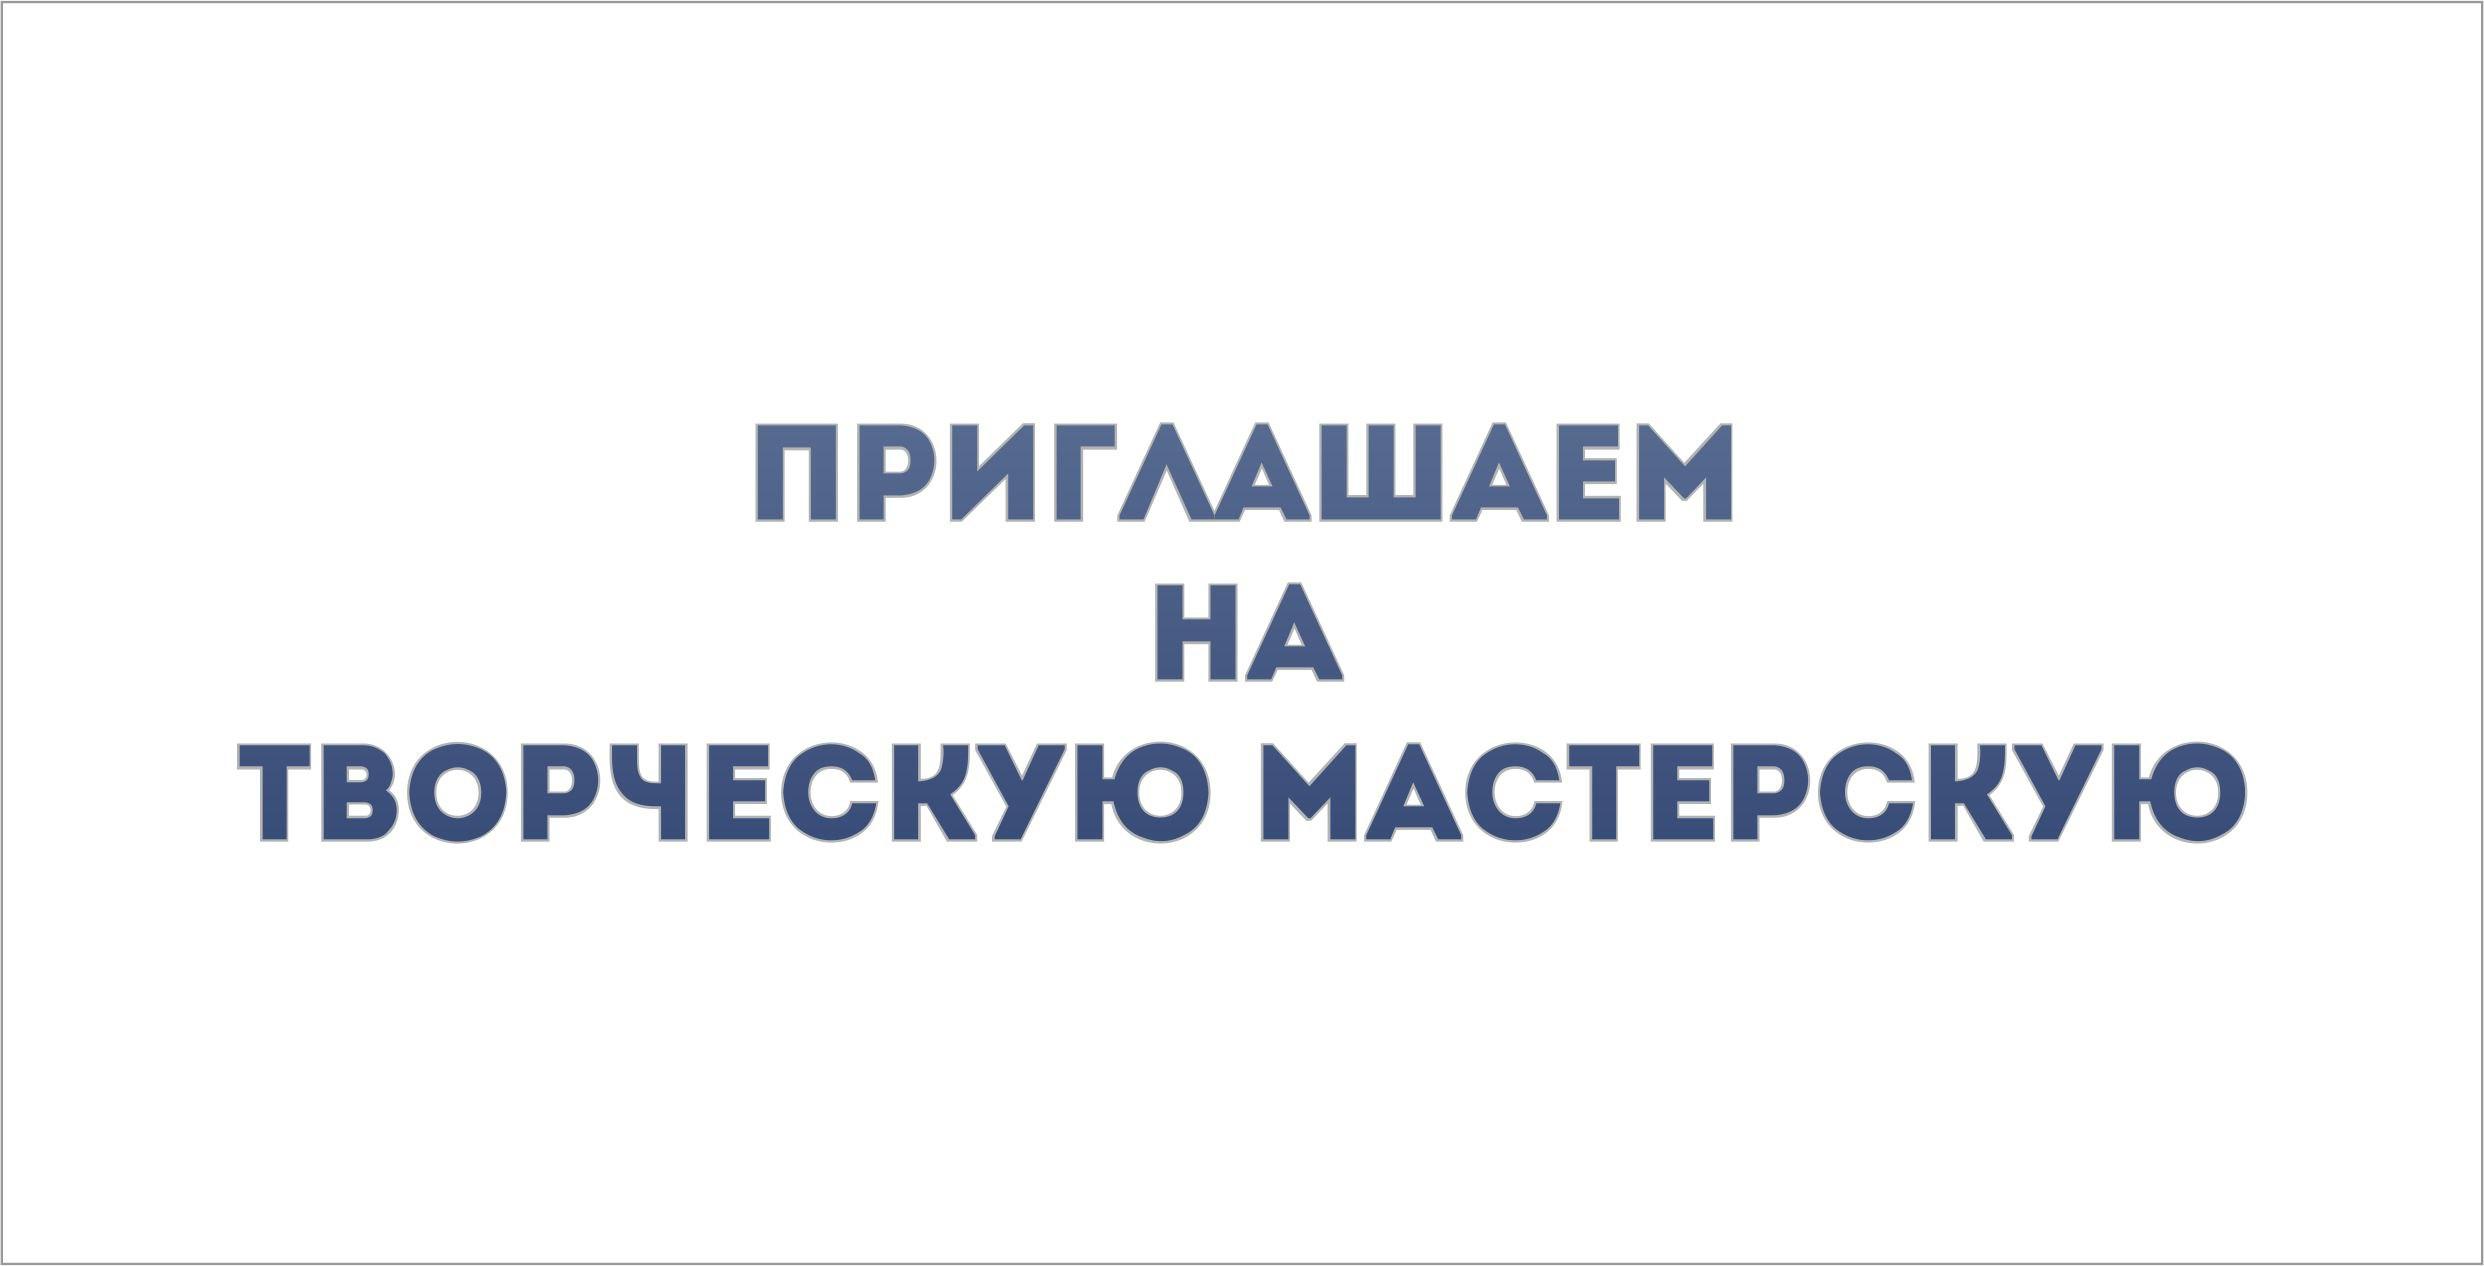 Режиссура любительского театрального коллектива